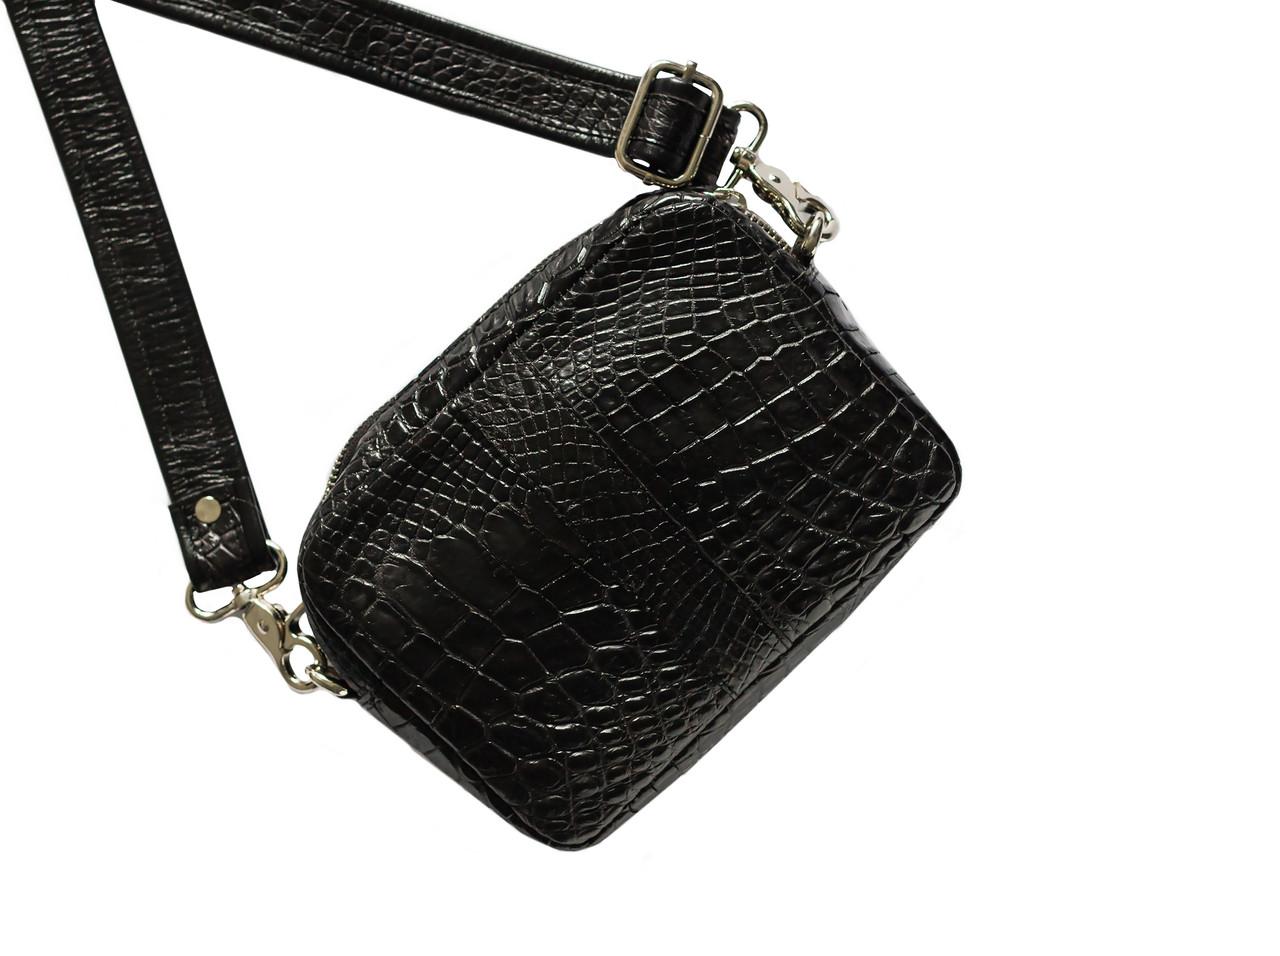 Сумка из кожи крокодила Черная (cb02)